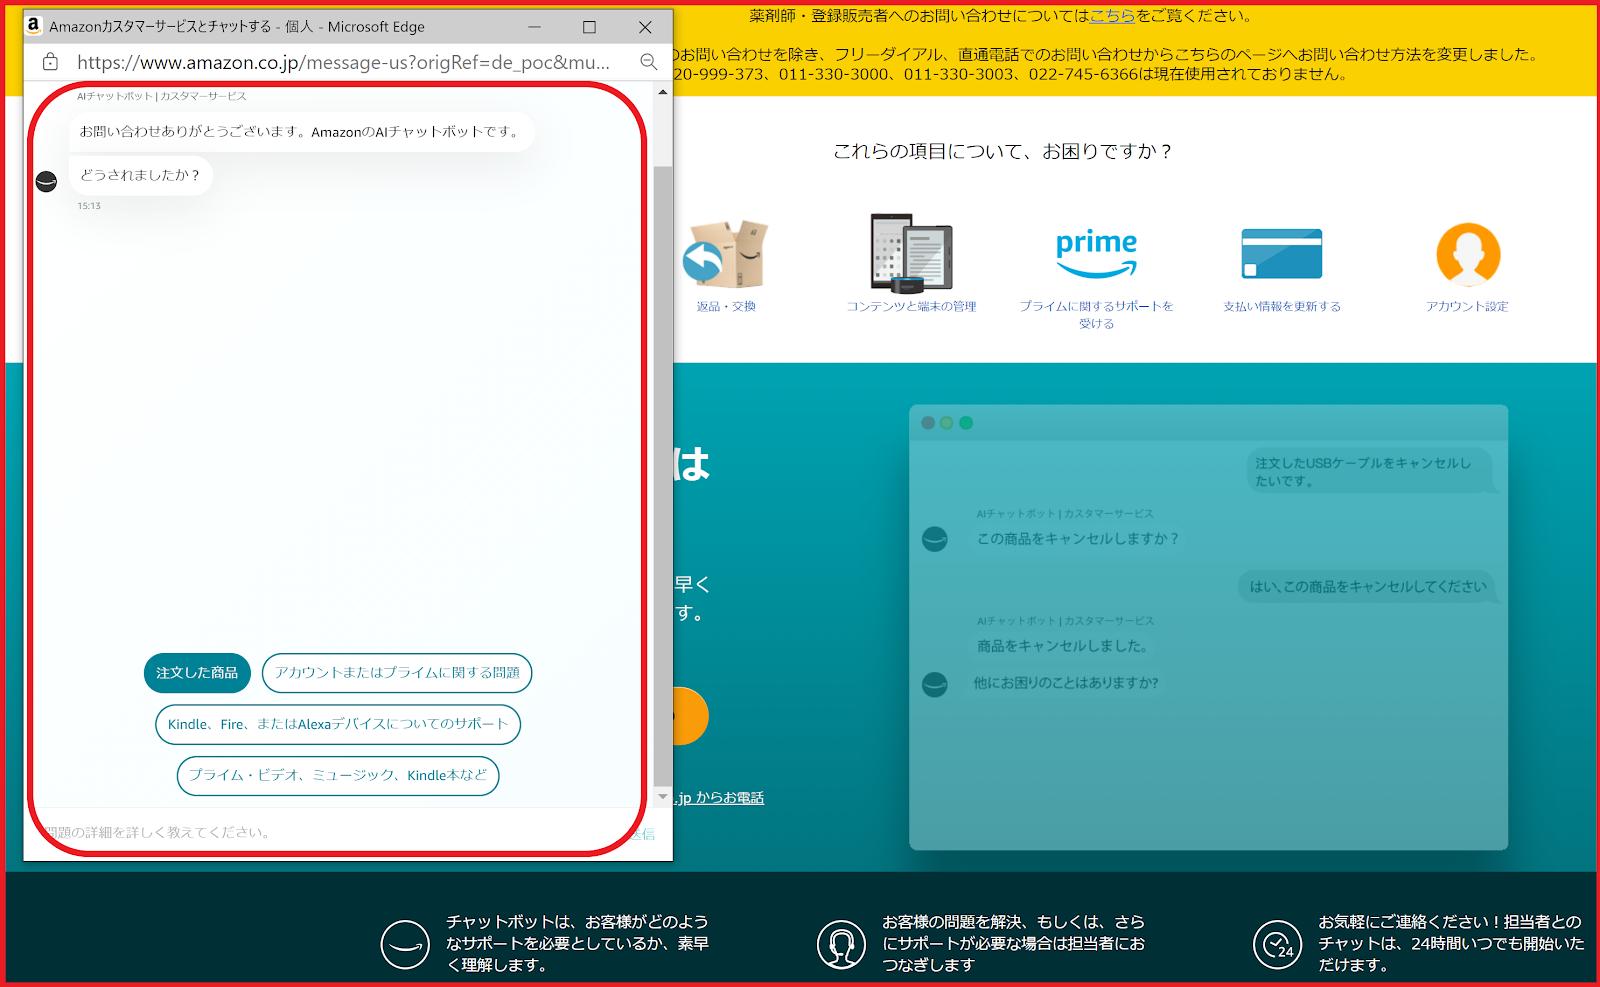 カスタマー・サービスに問い合わせる方法、チャットで連絡する(PCの場合)、手順2